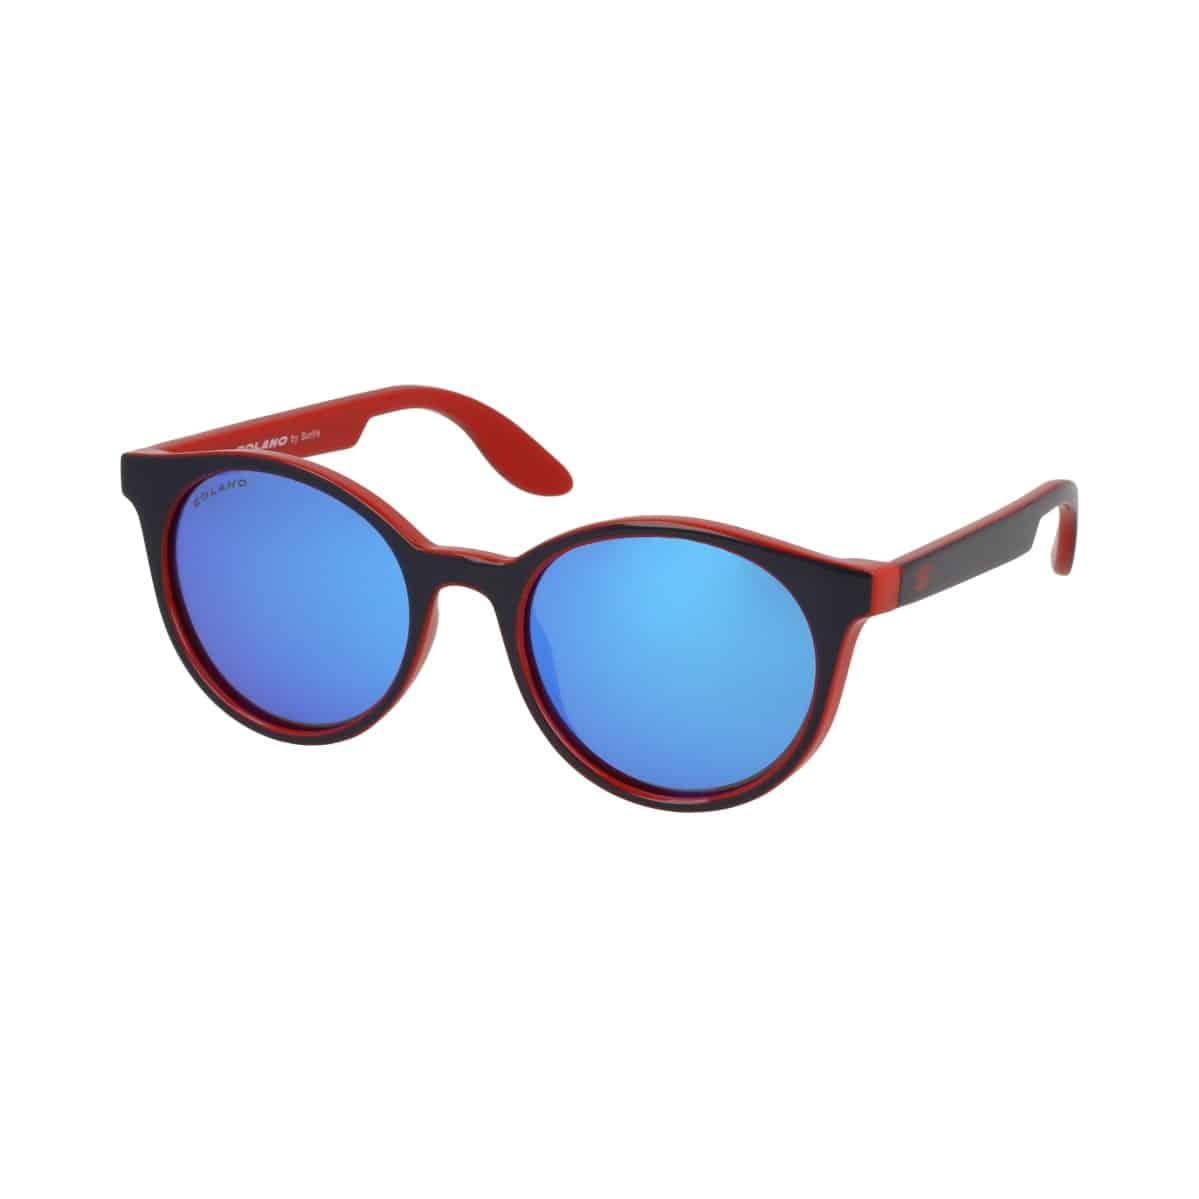 43a4e8d6395357 Okulary korekcyjne przeciwsłoneczne dziecięce - Okularove